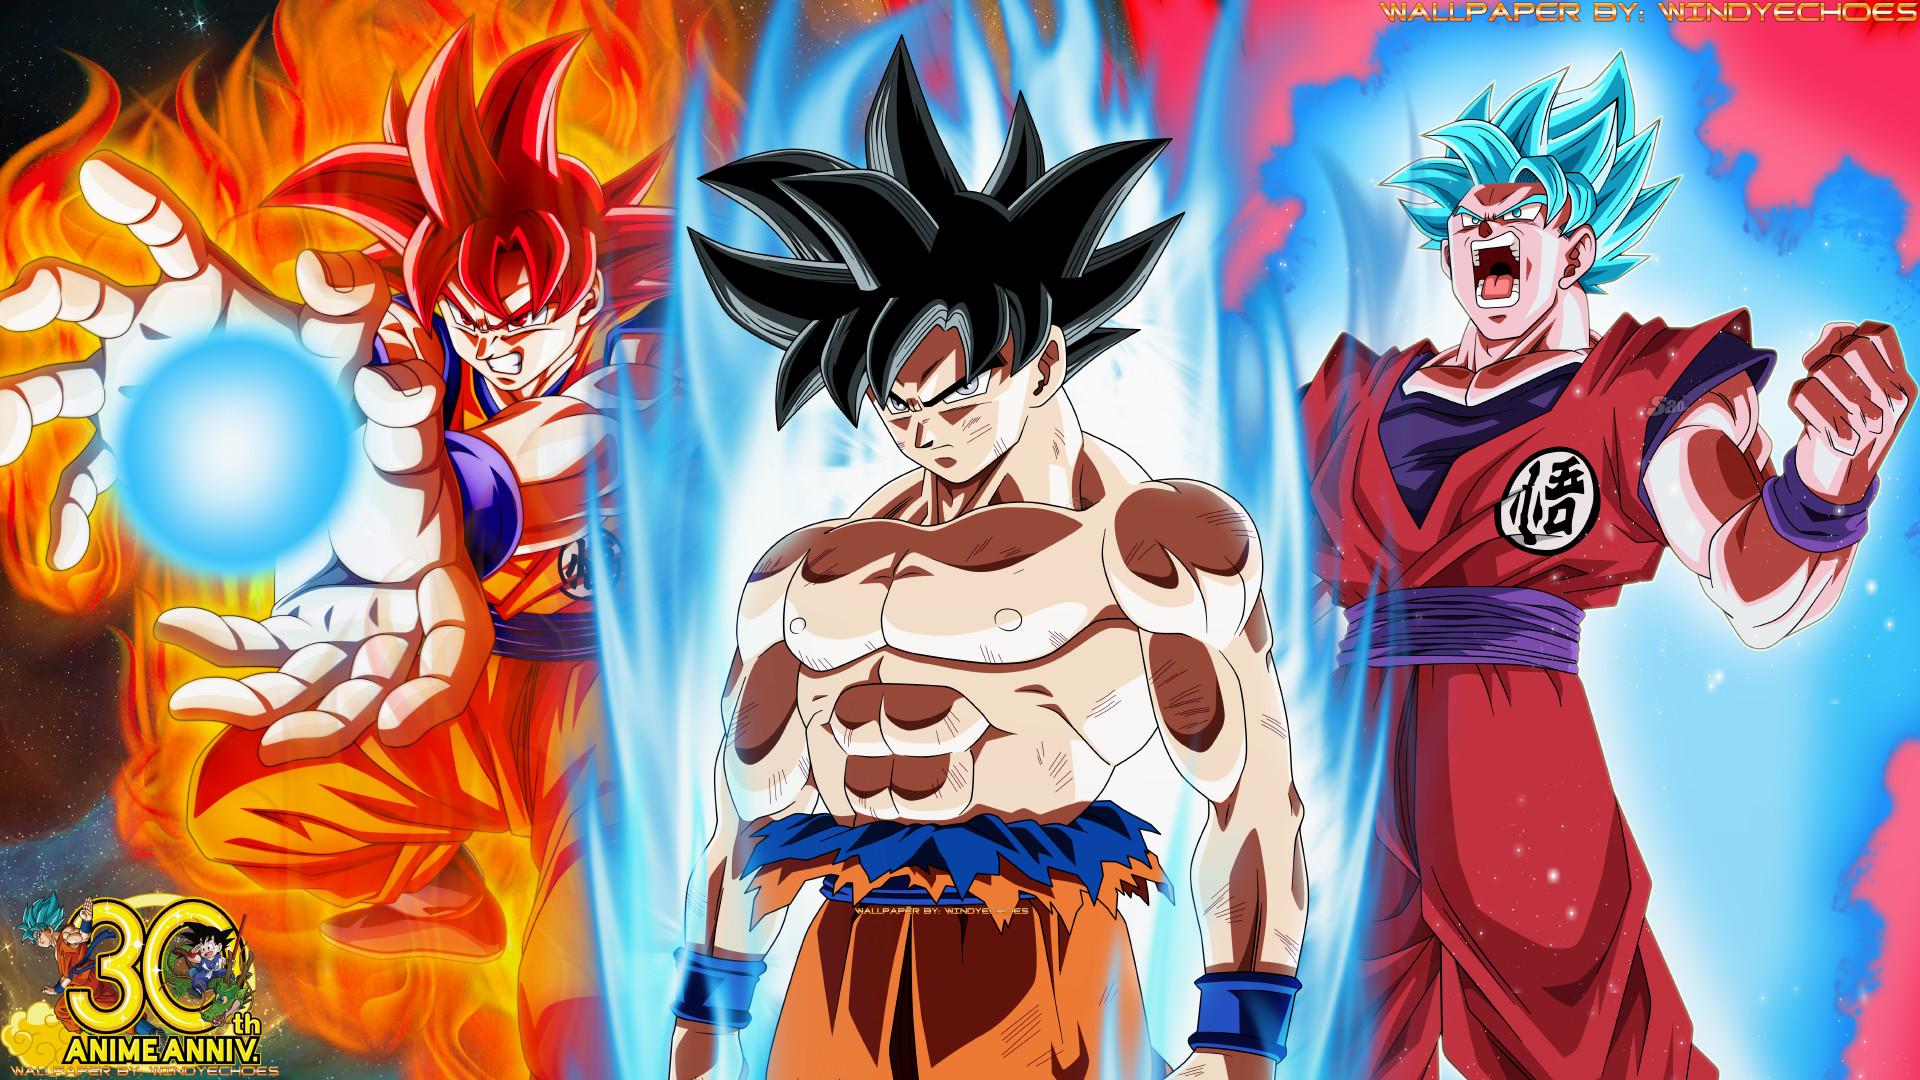 … Goku Super Saiyan God – All Three Transformations by WindyEchoes